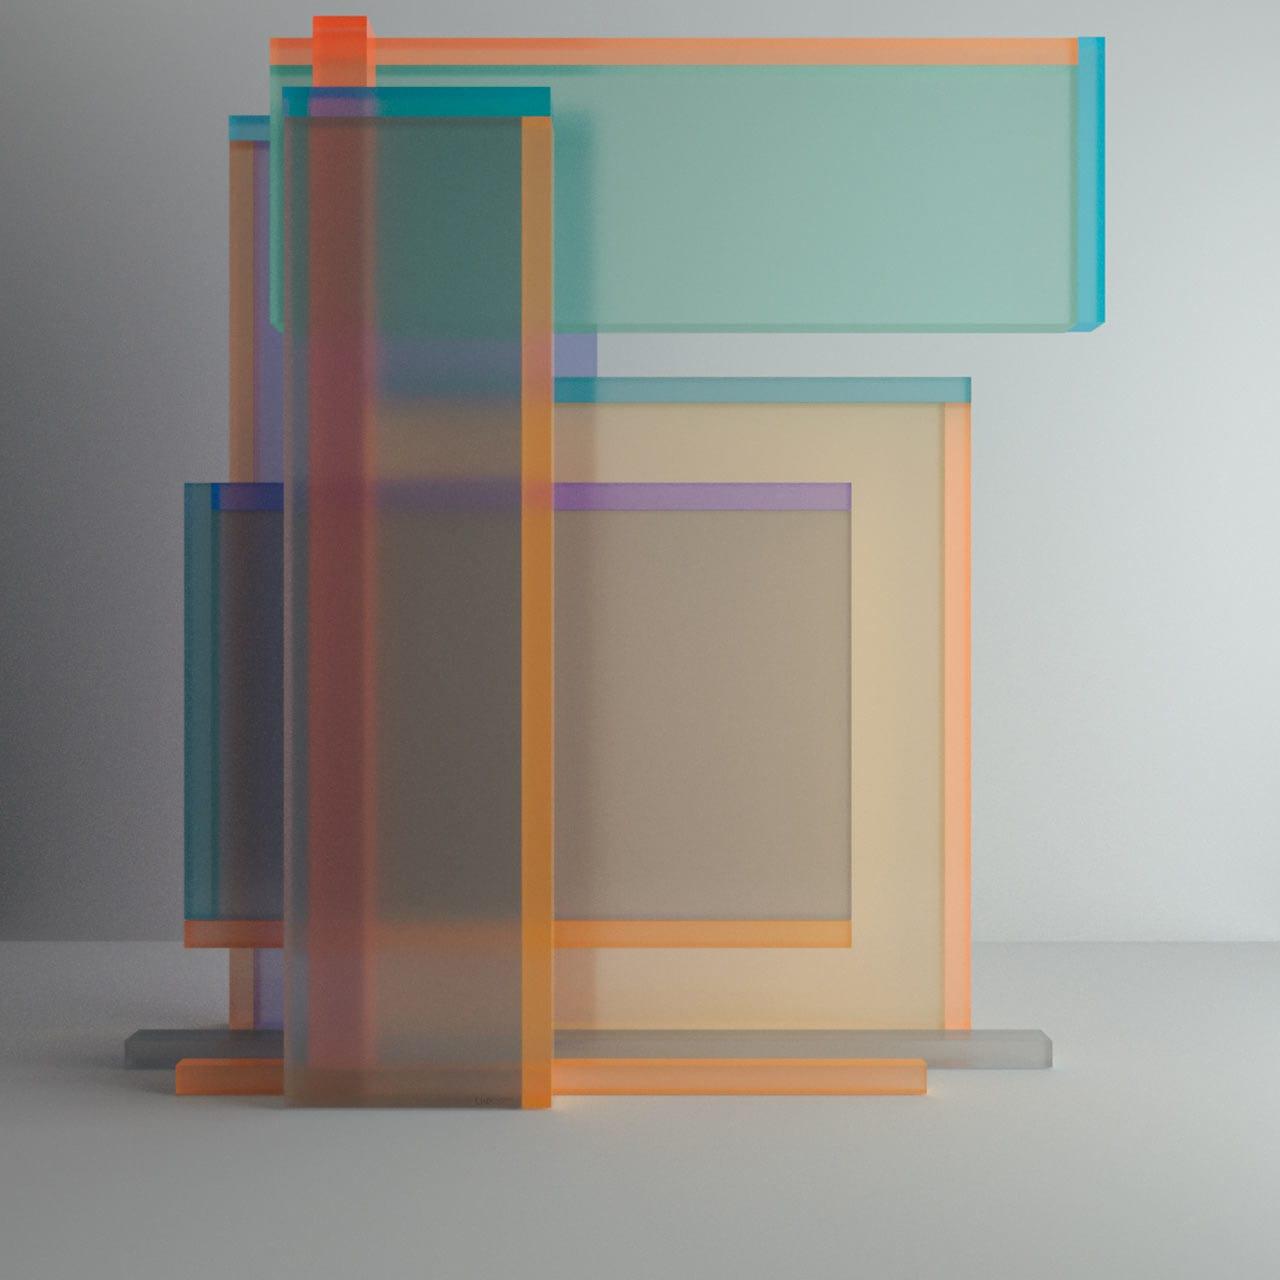 Chromatic Numerical Digital Sculptures by Leonardoworx | Yellowtrace